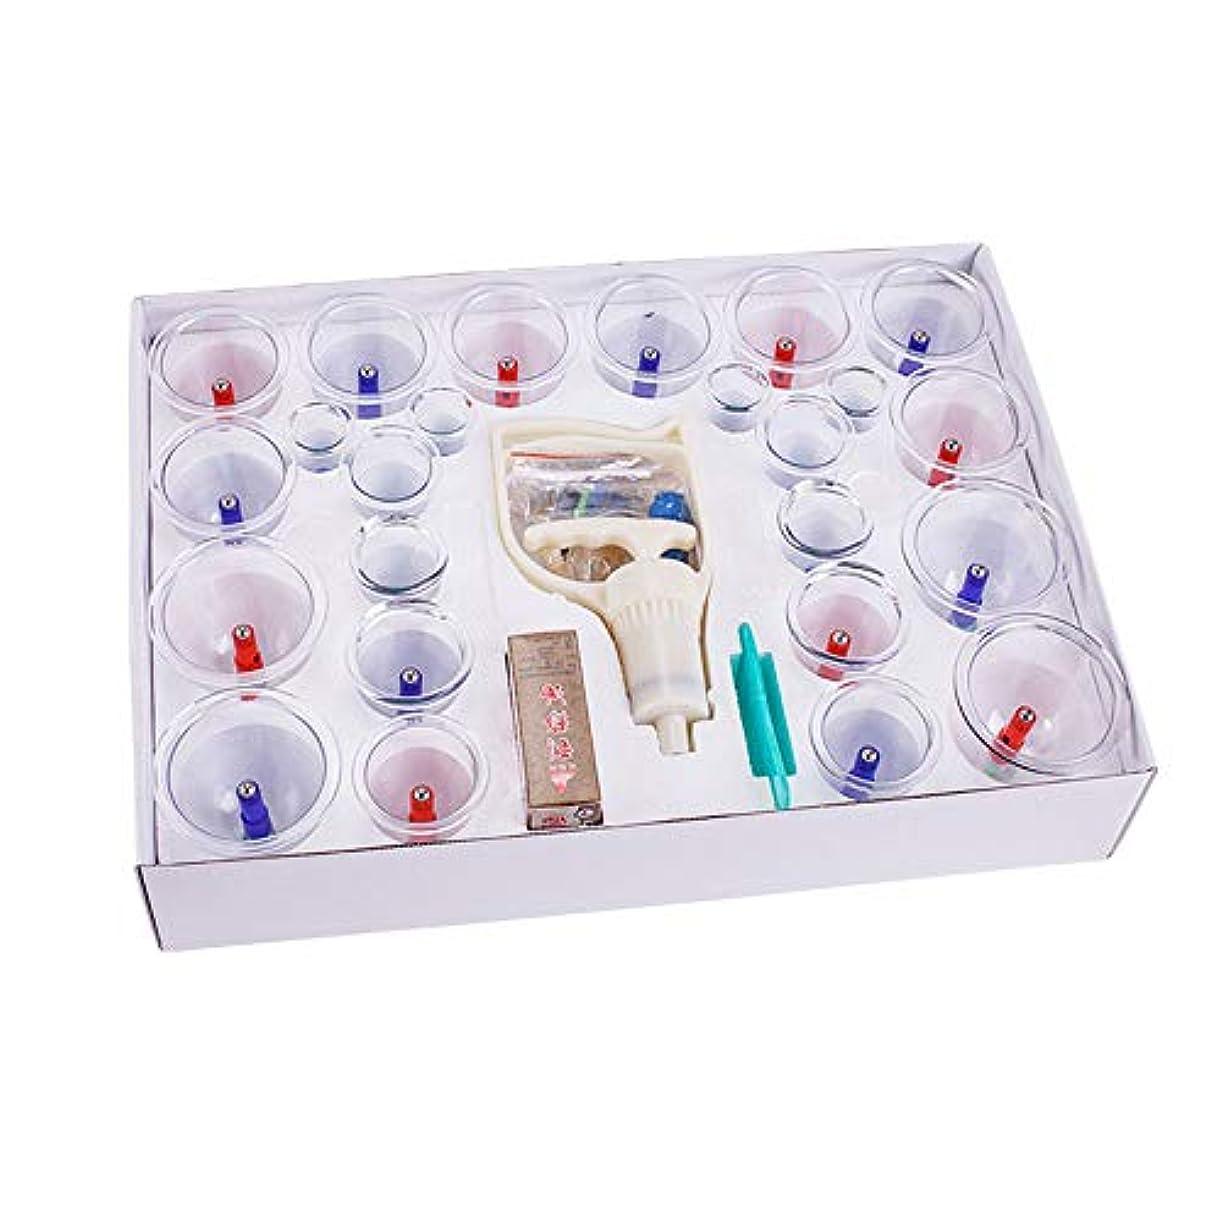 恐ろしいナットであるJia He 漢方療法 カッピング装置 - 専門のカッピング治療装置24カップは、大人と高齢者に適したポンプと伸展チューブで設定 ##